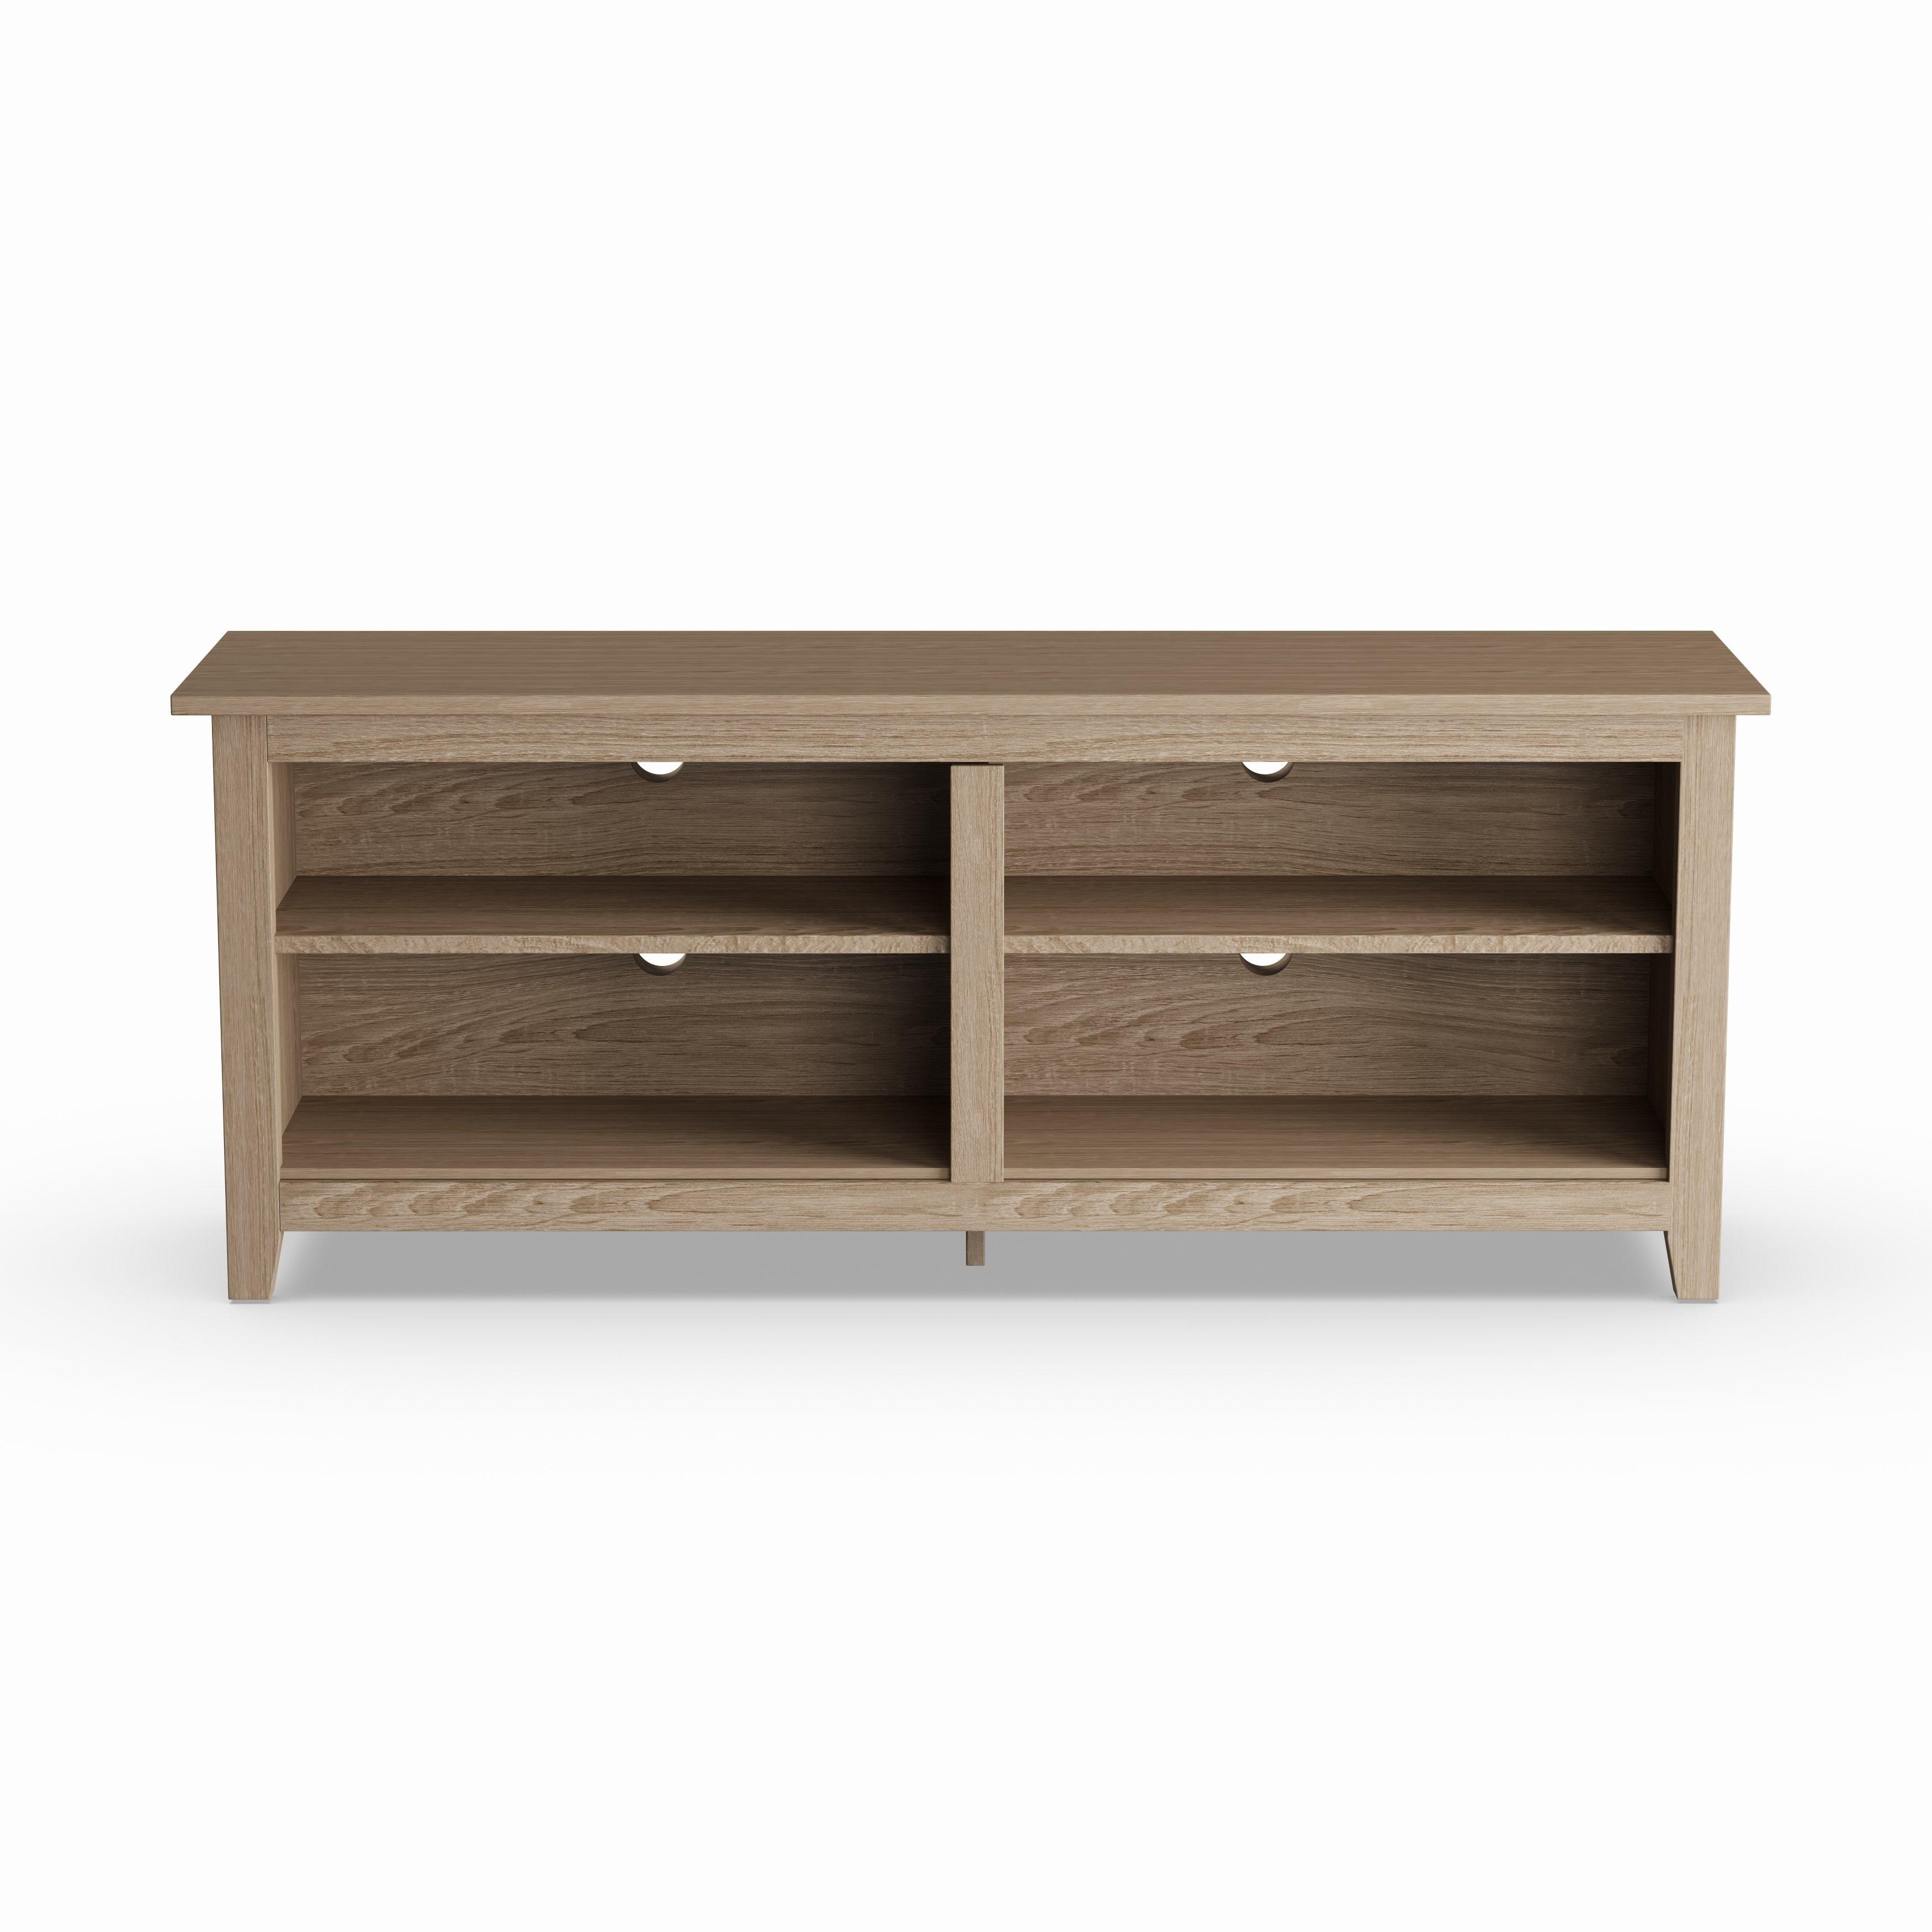 Shop Porch & Den Dexter 58 Inch Driftwood Tv Stand – Free Shipping Regarding Abbott Driftwood 60 Inch Tv Stands (View 5 of 30)